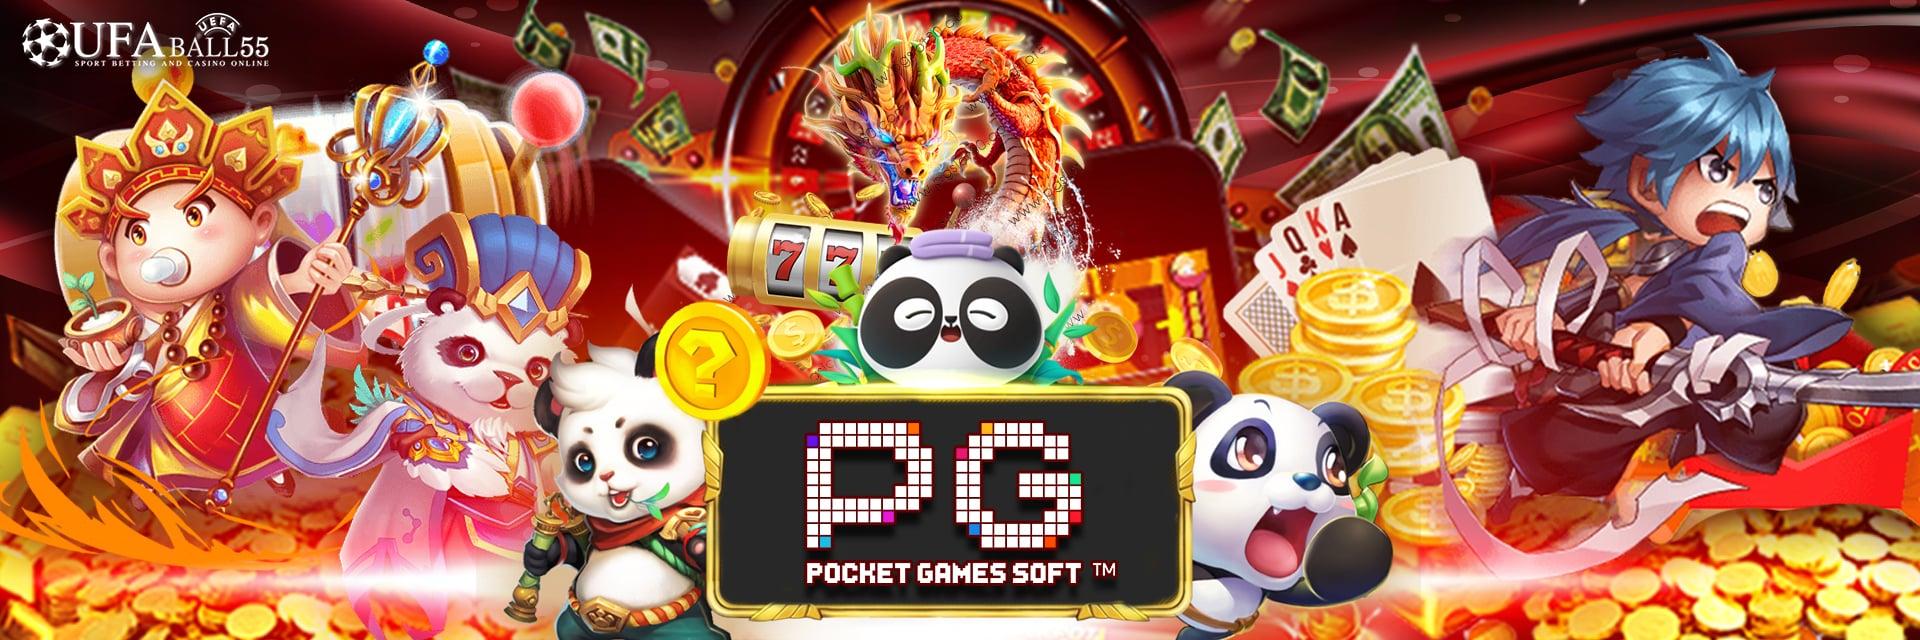 PG gaming euro ufabet 4